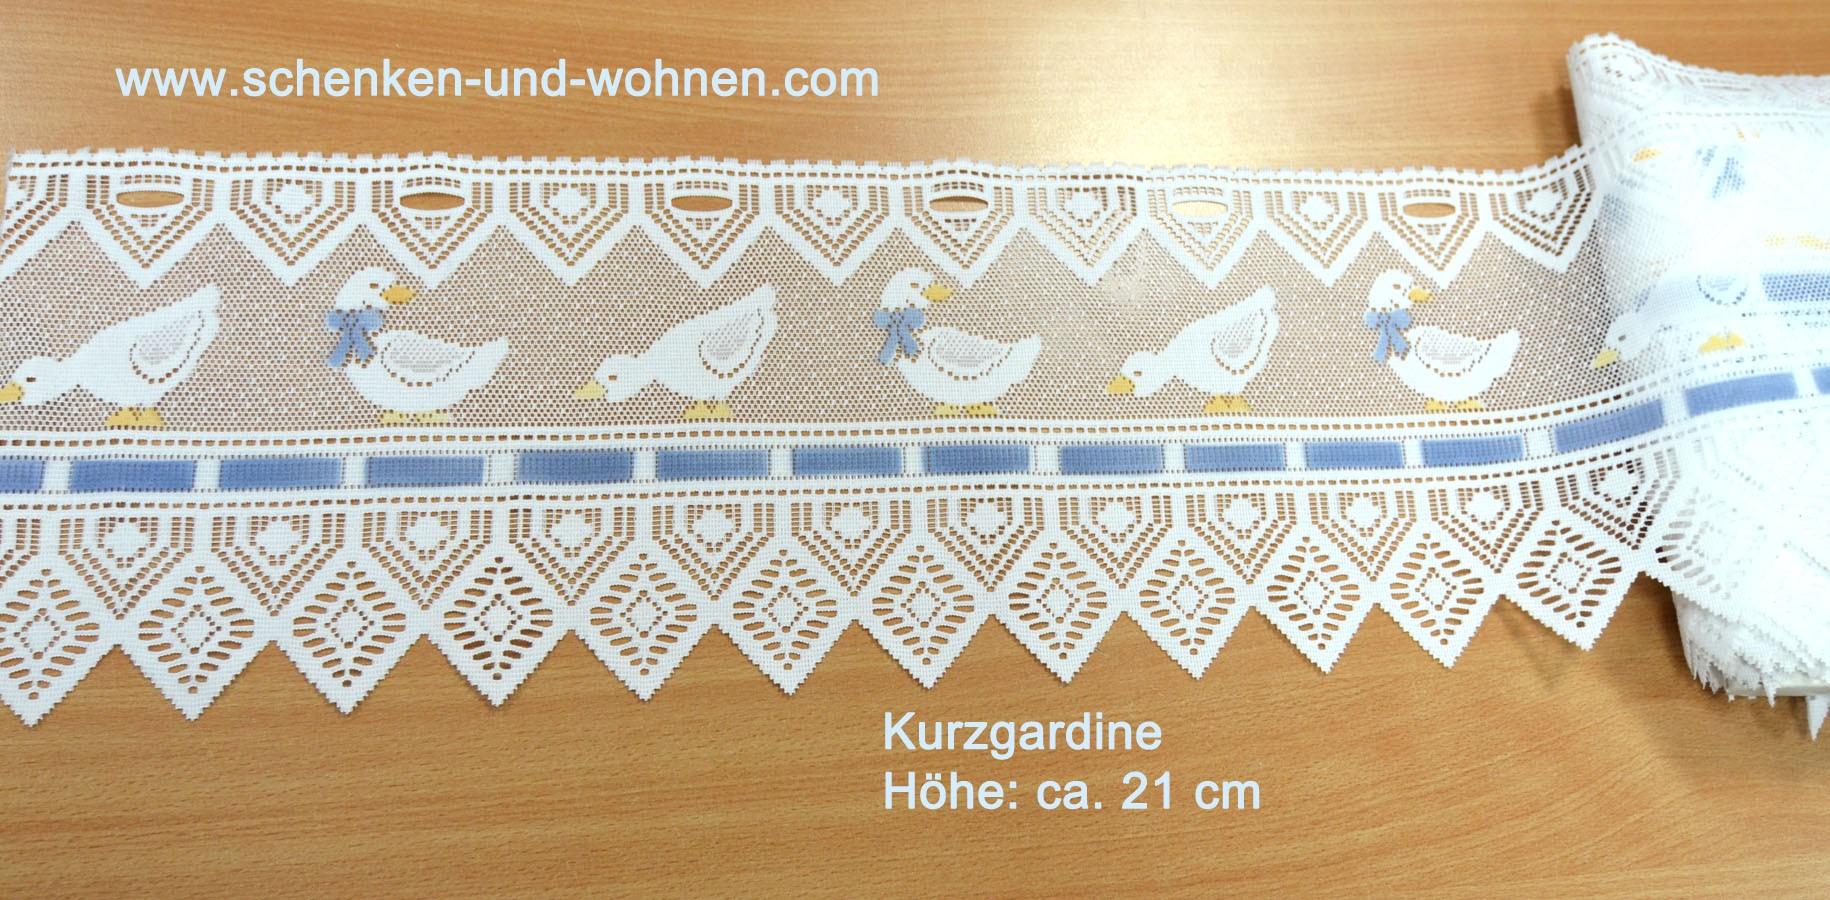 Kurzgardine handcoloriert mit Entenmotiv weiß/taubenblau/gelb ca. 21 cm hoch